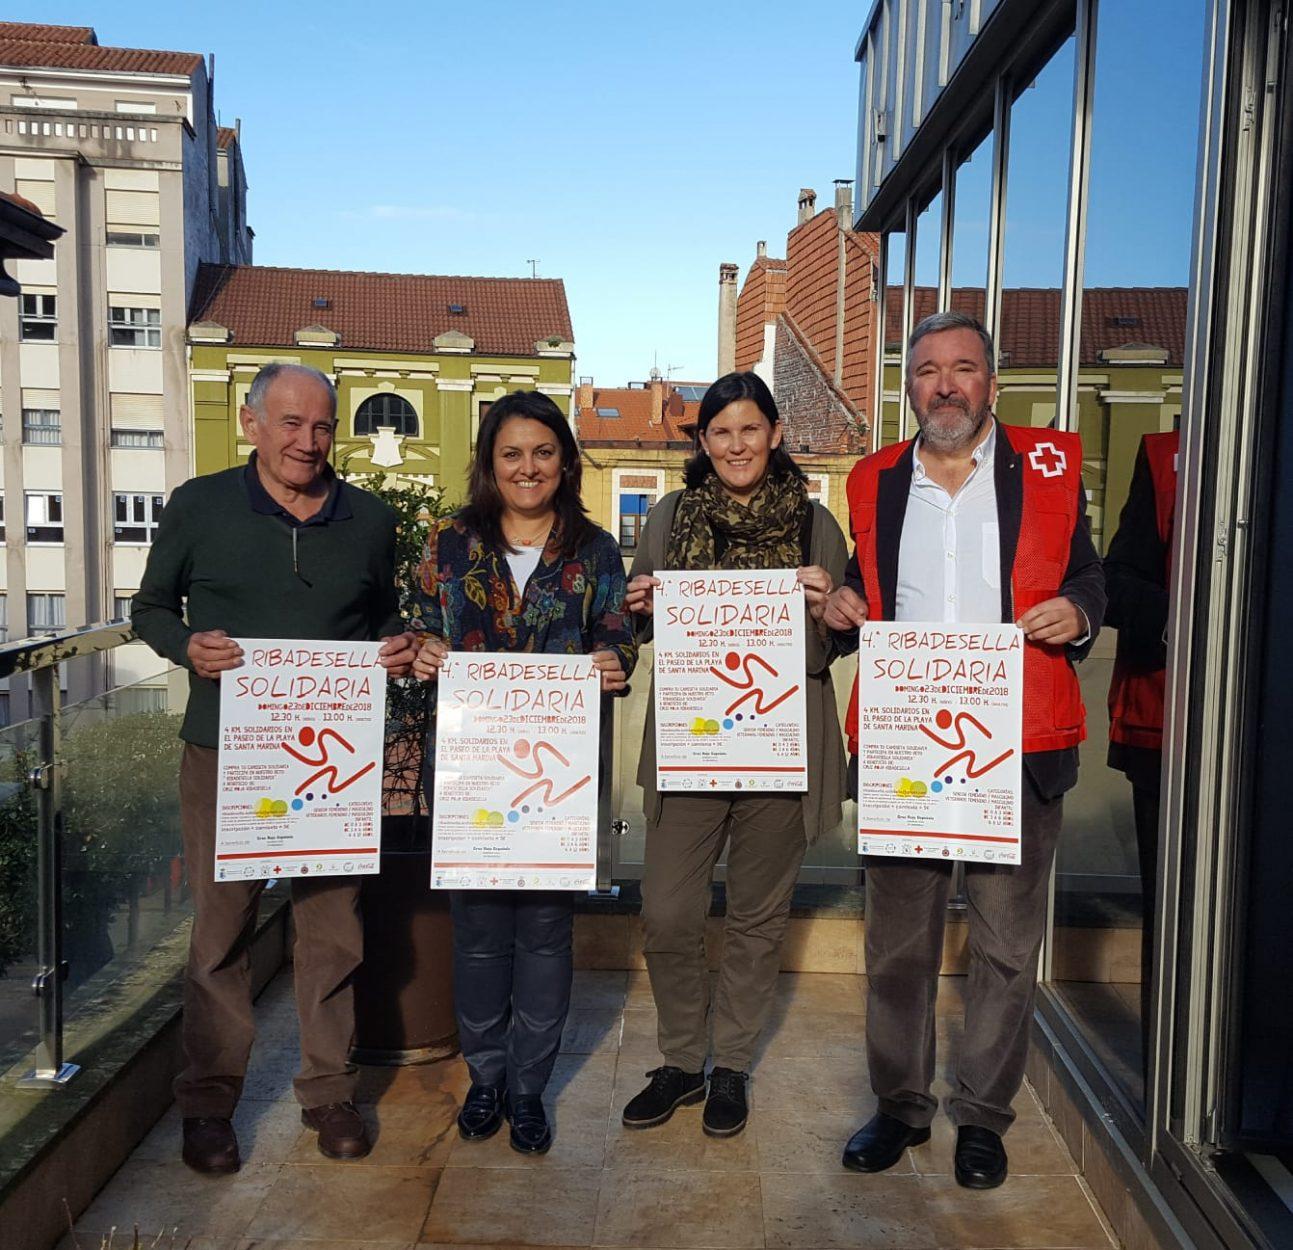 La 4ª Carrera Ribadesella Solidaria, el 23 de diciembre a favor de Cruz Roja